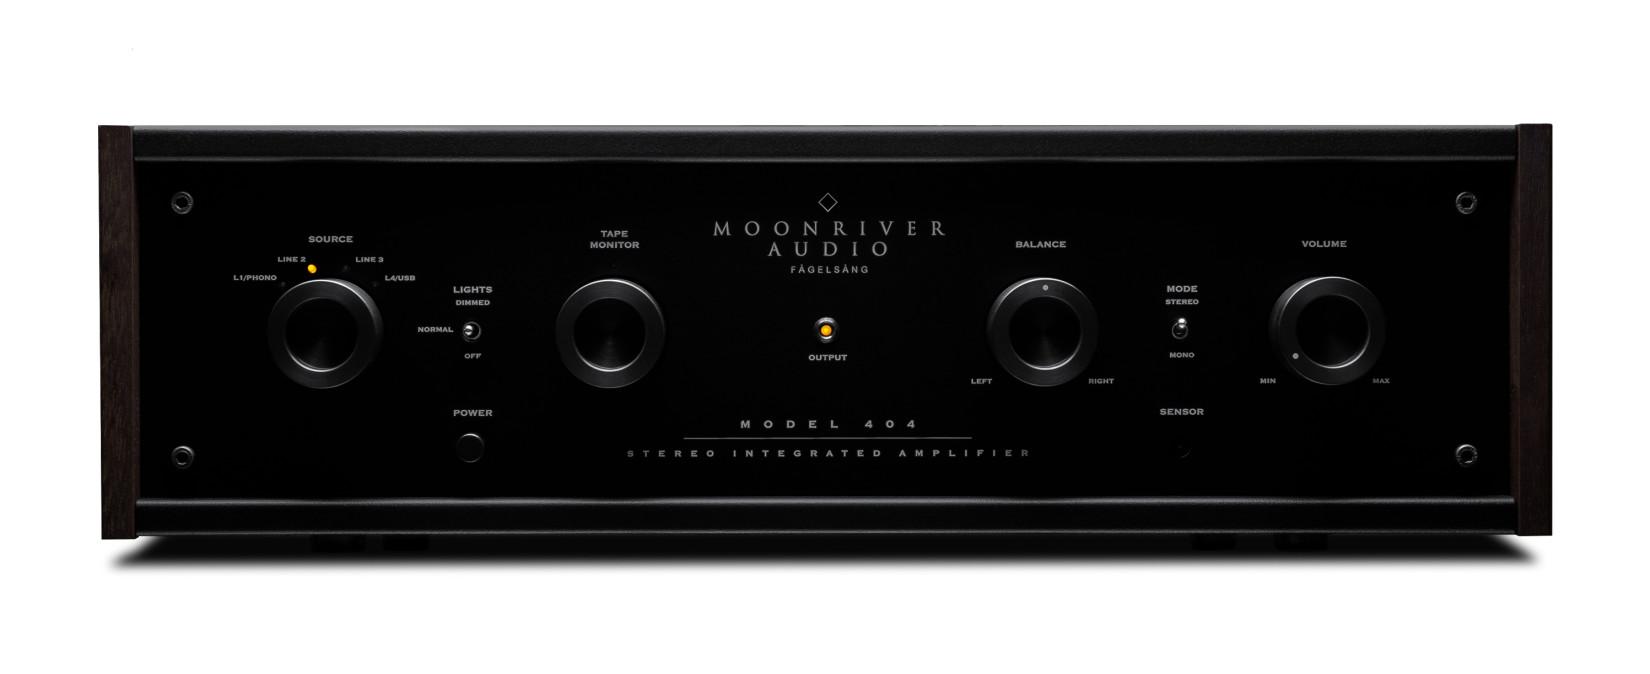 Moonriver-404-1